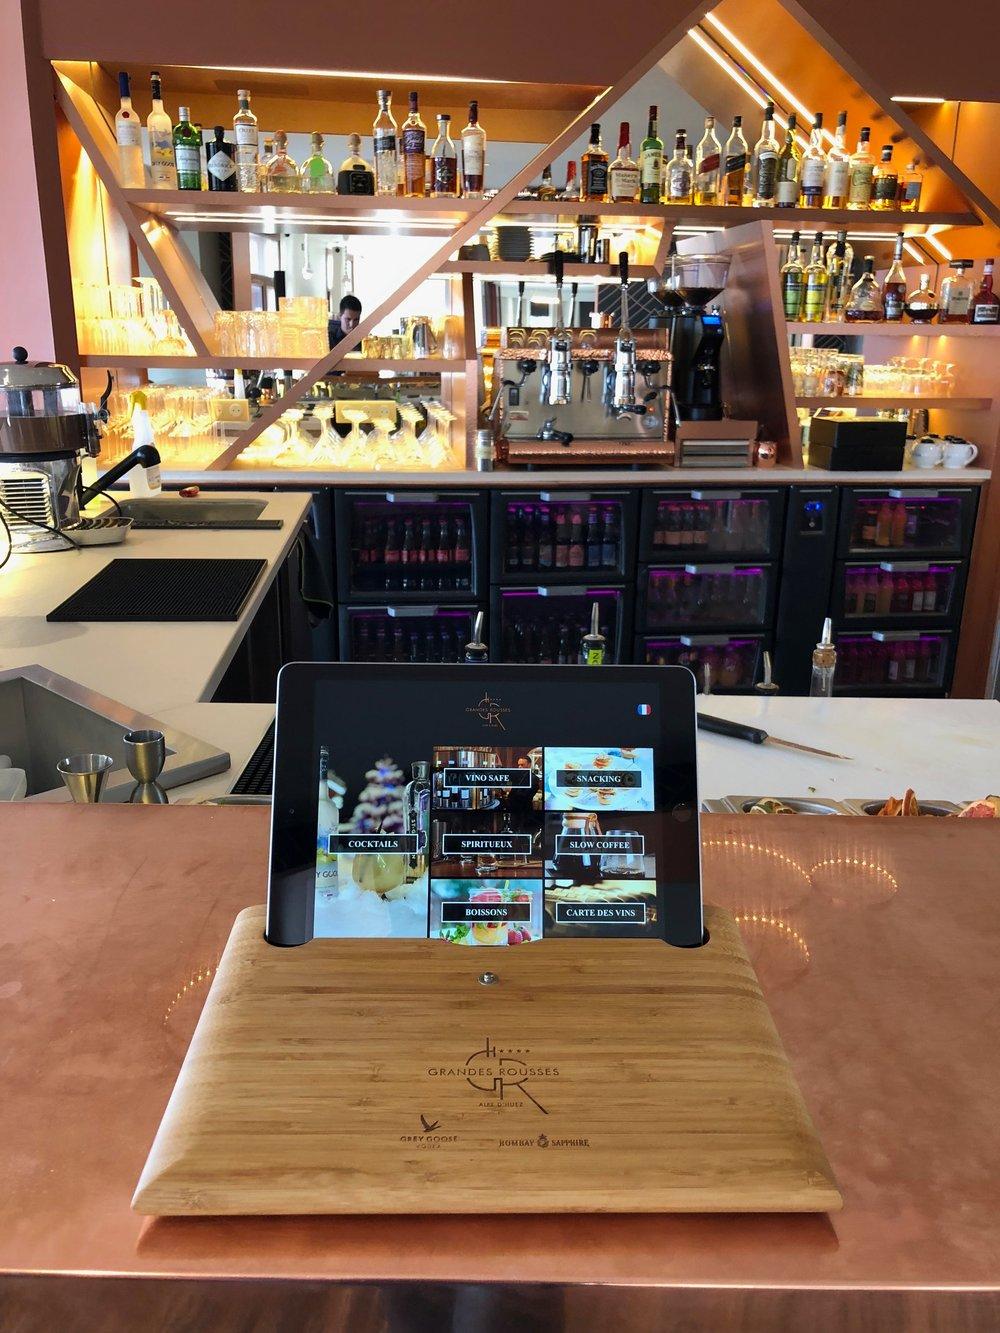 Hotel Grandes Rousses Alpe Huez menus sur tablettes tactiles.jpg